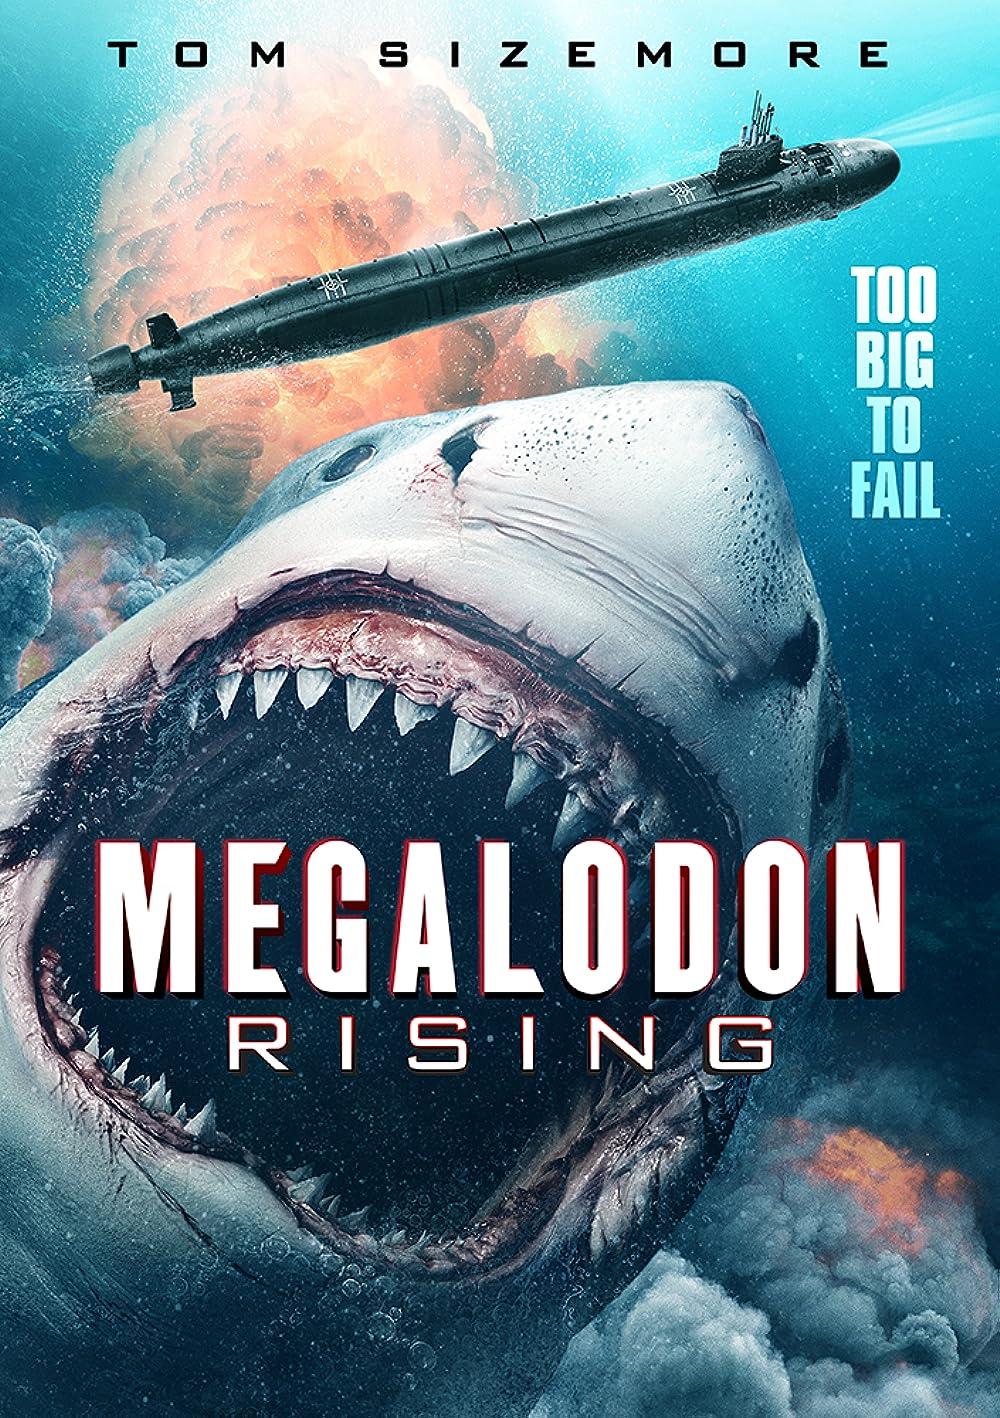 Megalodon Rising (2021) English HDRip 350MB Download